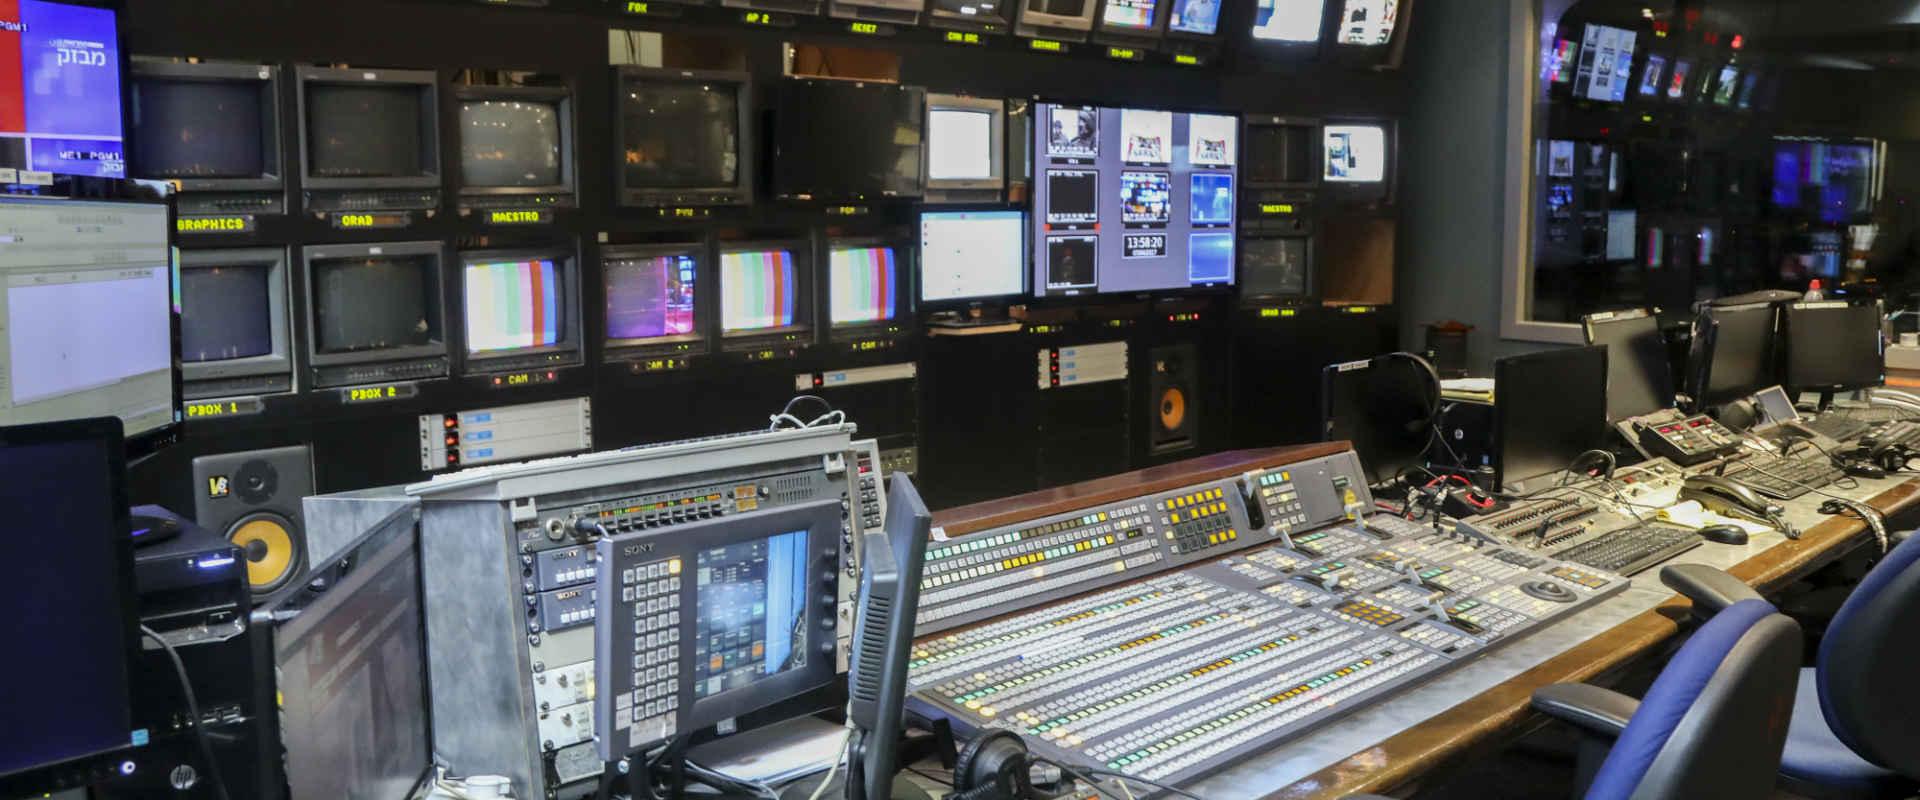 חדר בקרה של חדשות 2